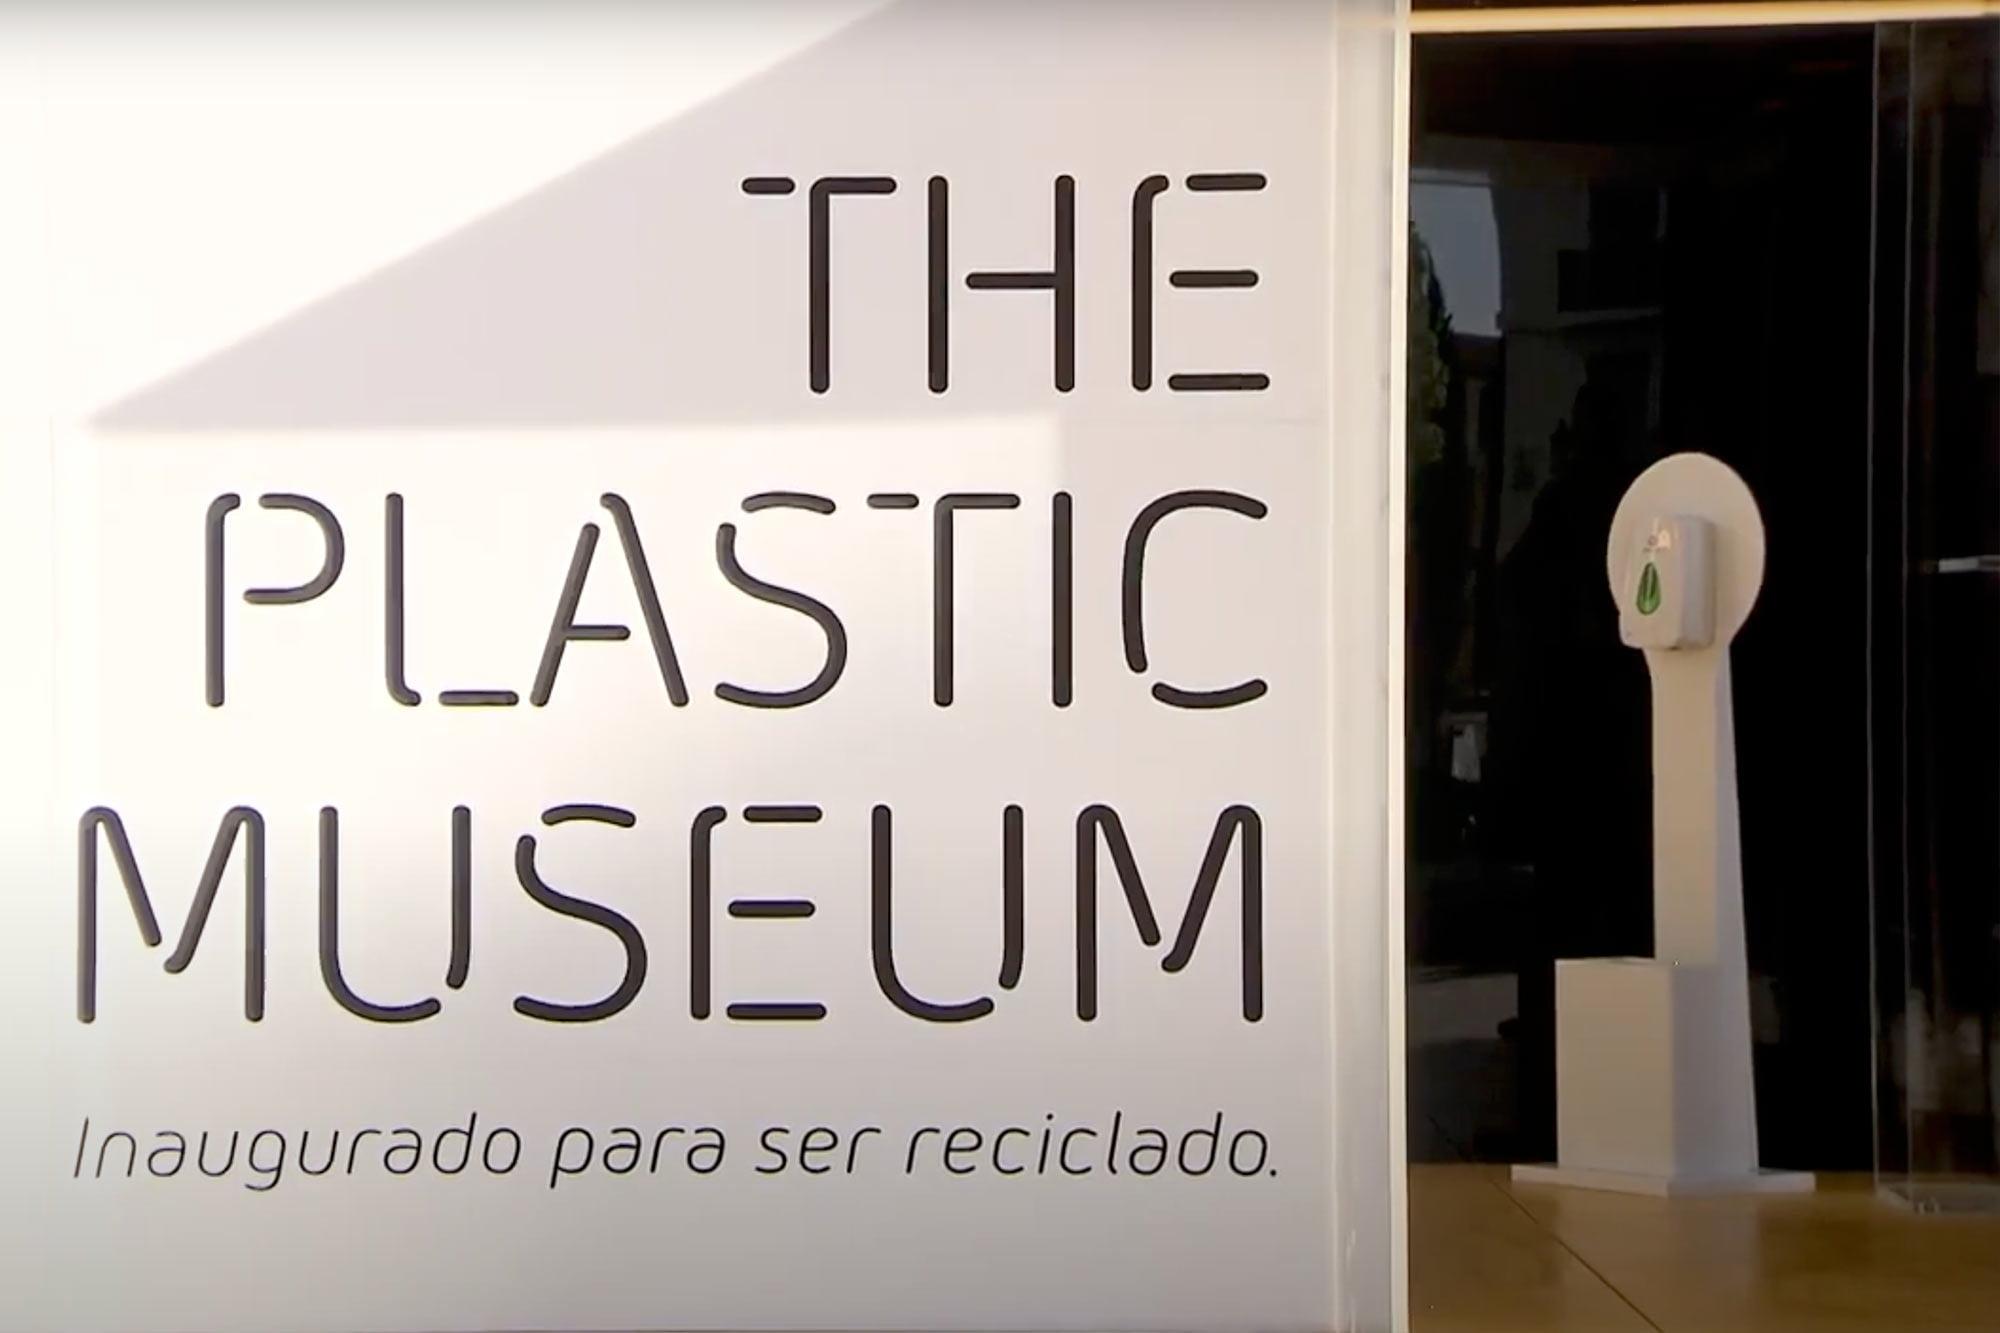 Museo del plastico | Torrent Closures